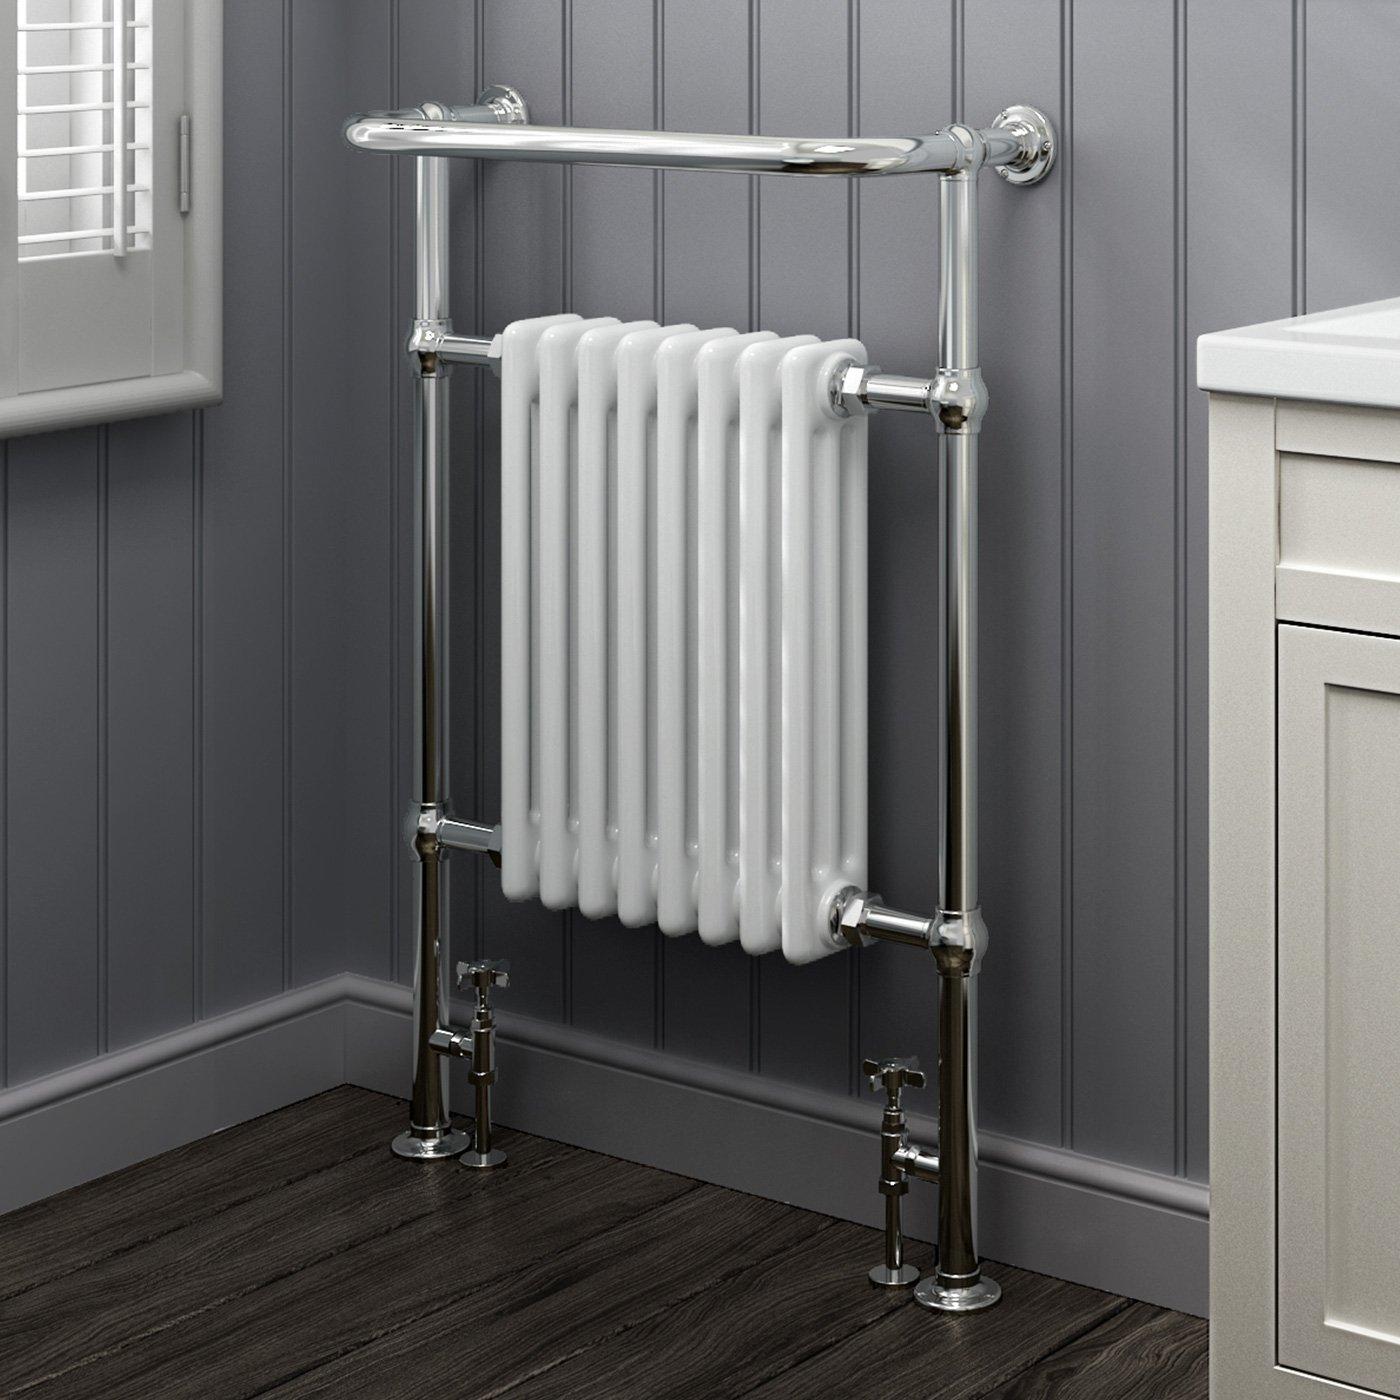 Bathroom heated towel radiators - Ibathuk 8 Column Traditional Designer Heated Towel Rail Bathroom Radiator All Sizes Ibathuk Amazon Co Uk Diy Tools